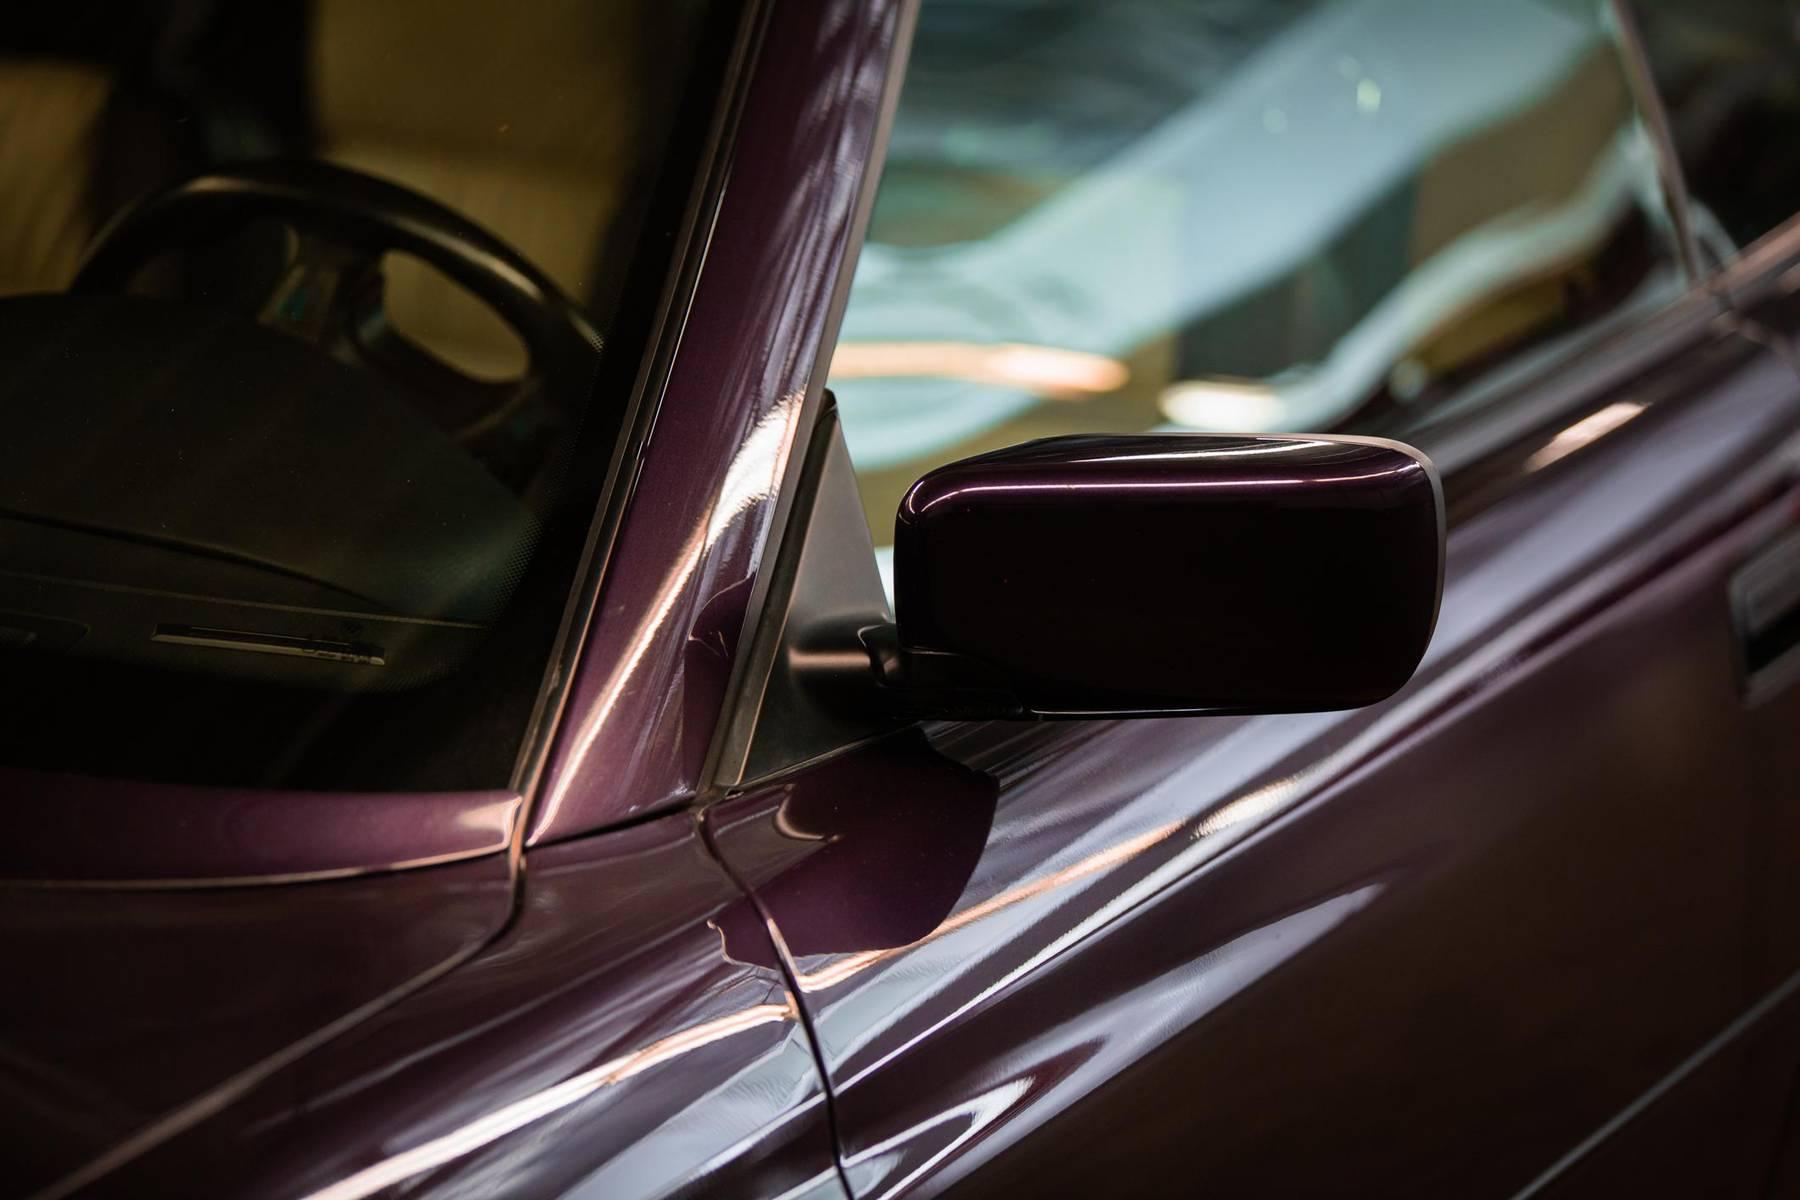 1995 BMW 850CSi side mirror detail